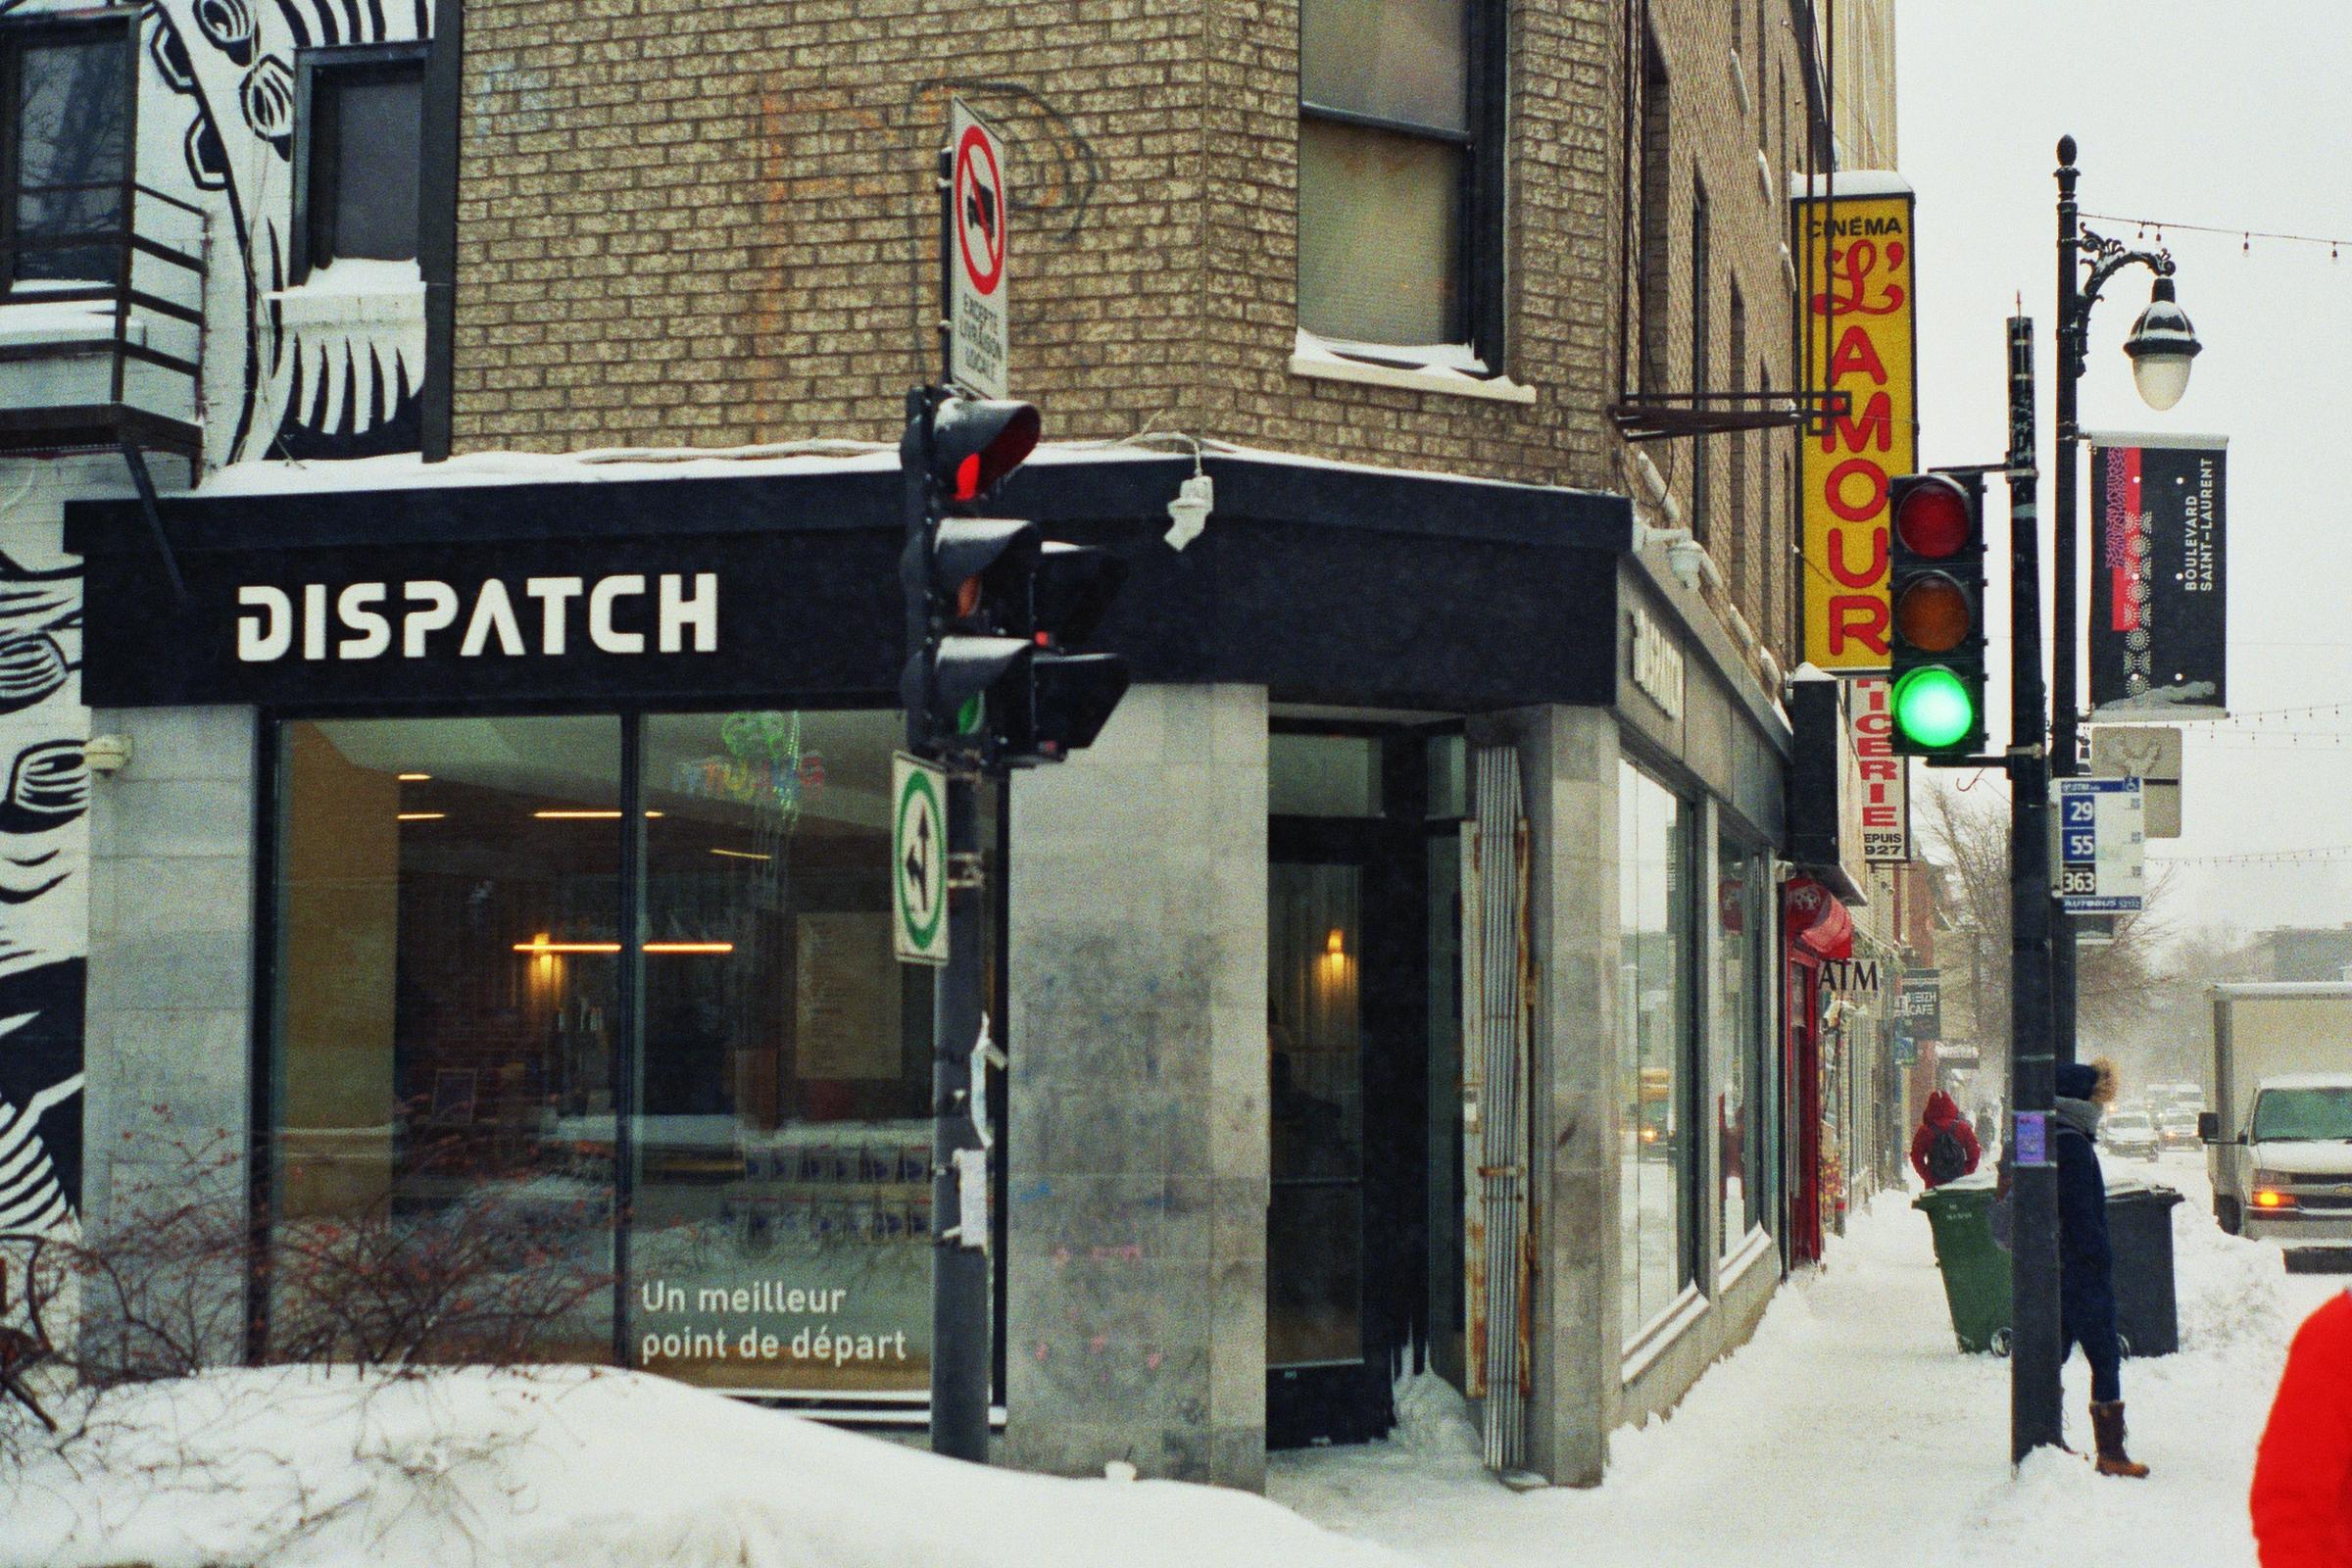 Dispatch, on St Laurent.  Kodak Ultra Max 400. Pentax K1000. Fletcher Berryman 2019.